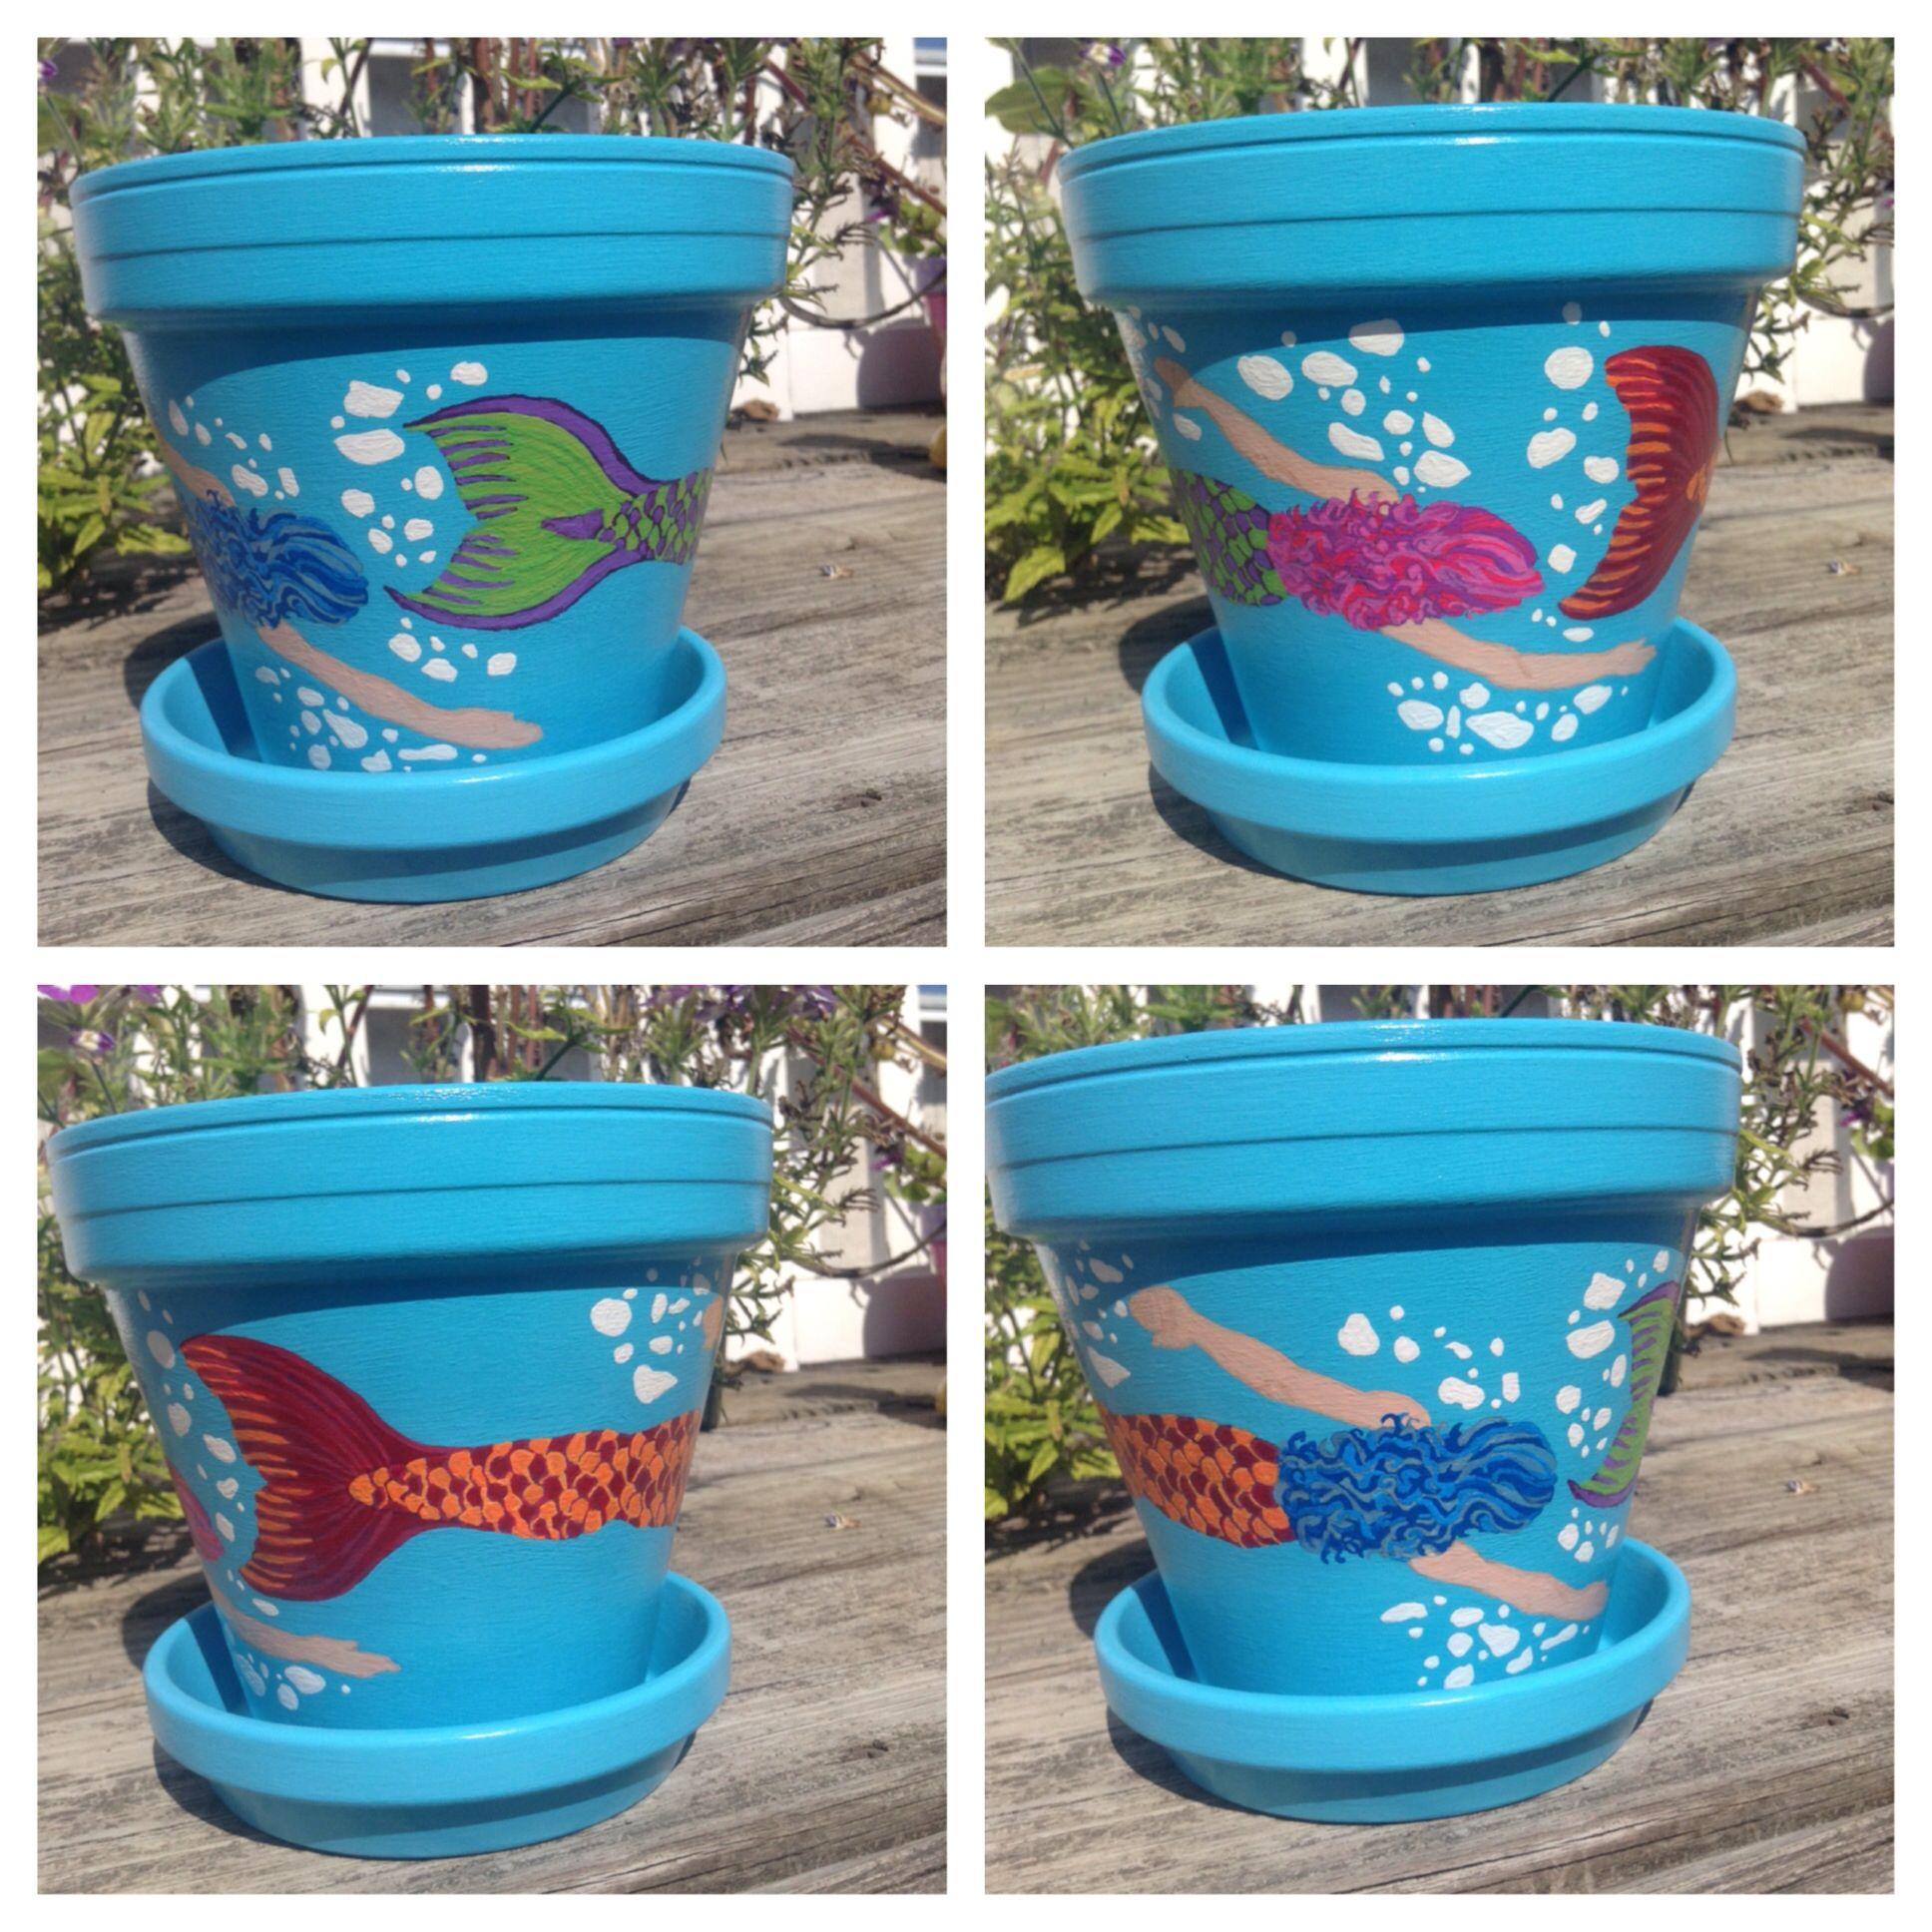 Mermaid Flowerpot By Sheila S Garden Girls Llc In Ocean City Nj Www Etsy Com Shop Sheilasgardengirls Painted Flower Pots Painted Clay Pots Clay Pot Crafts